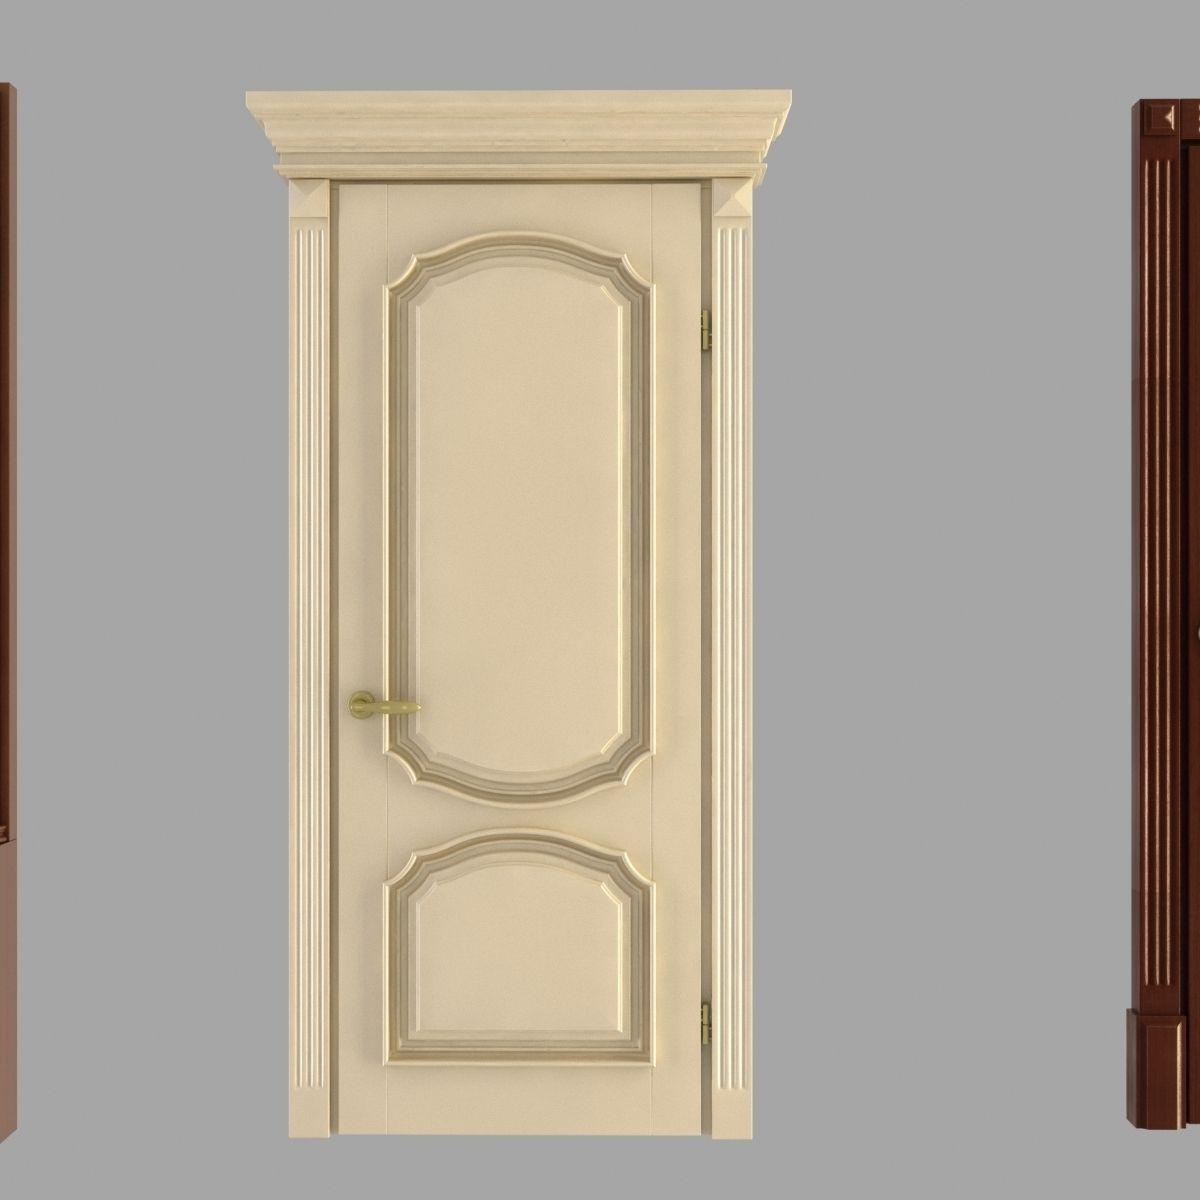 Classic doors collection 3d model max obj 3ds fbx mtl for Door 3d model